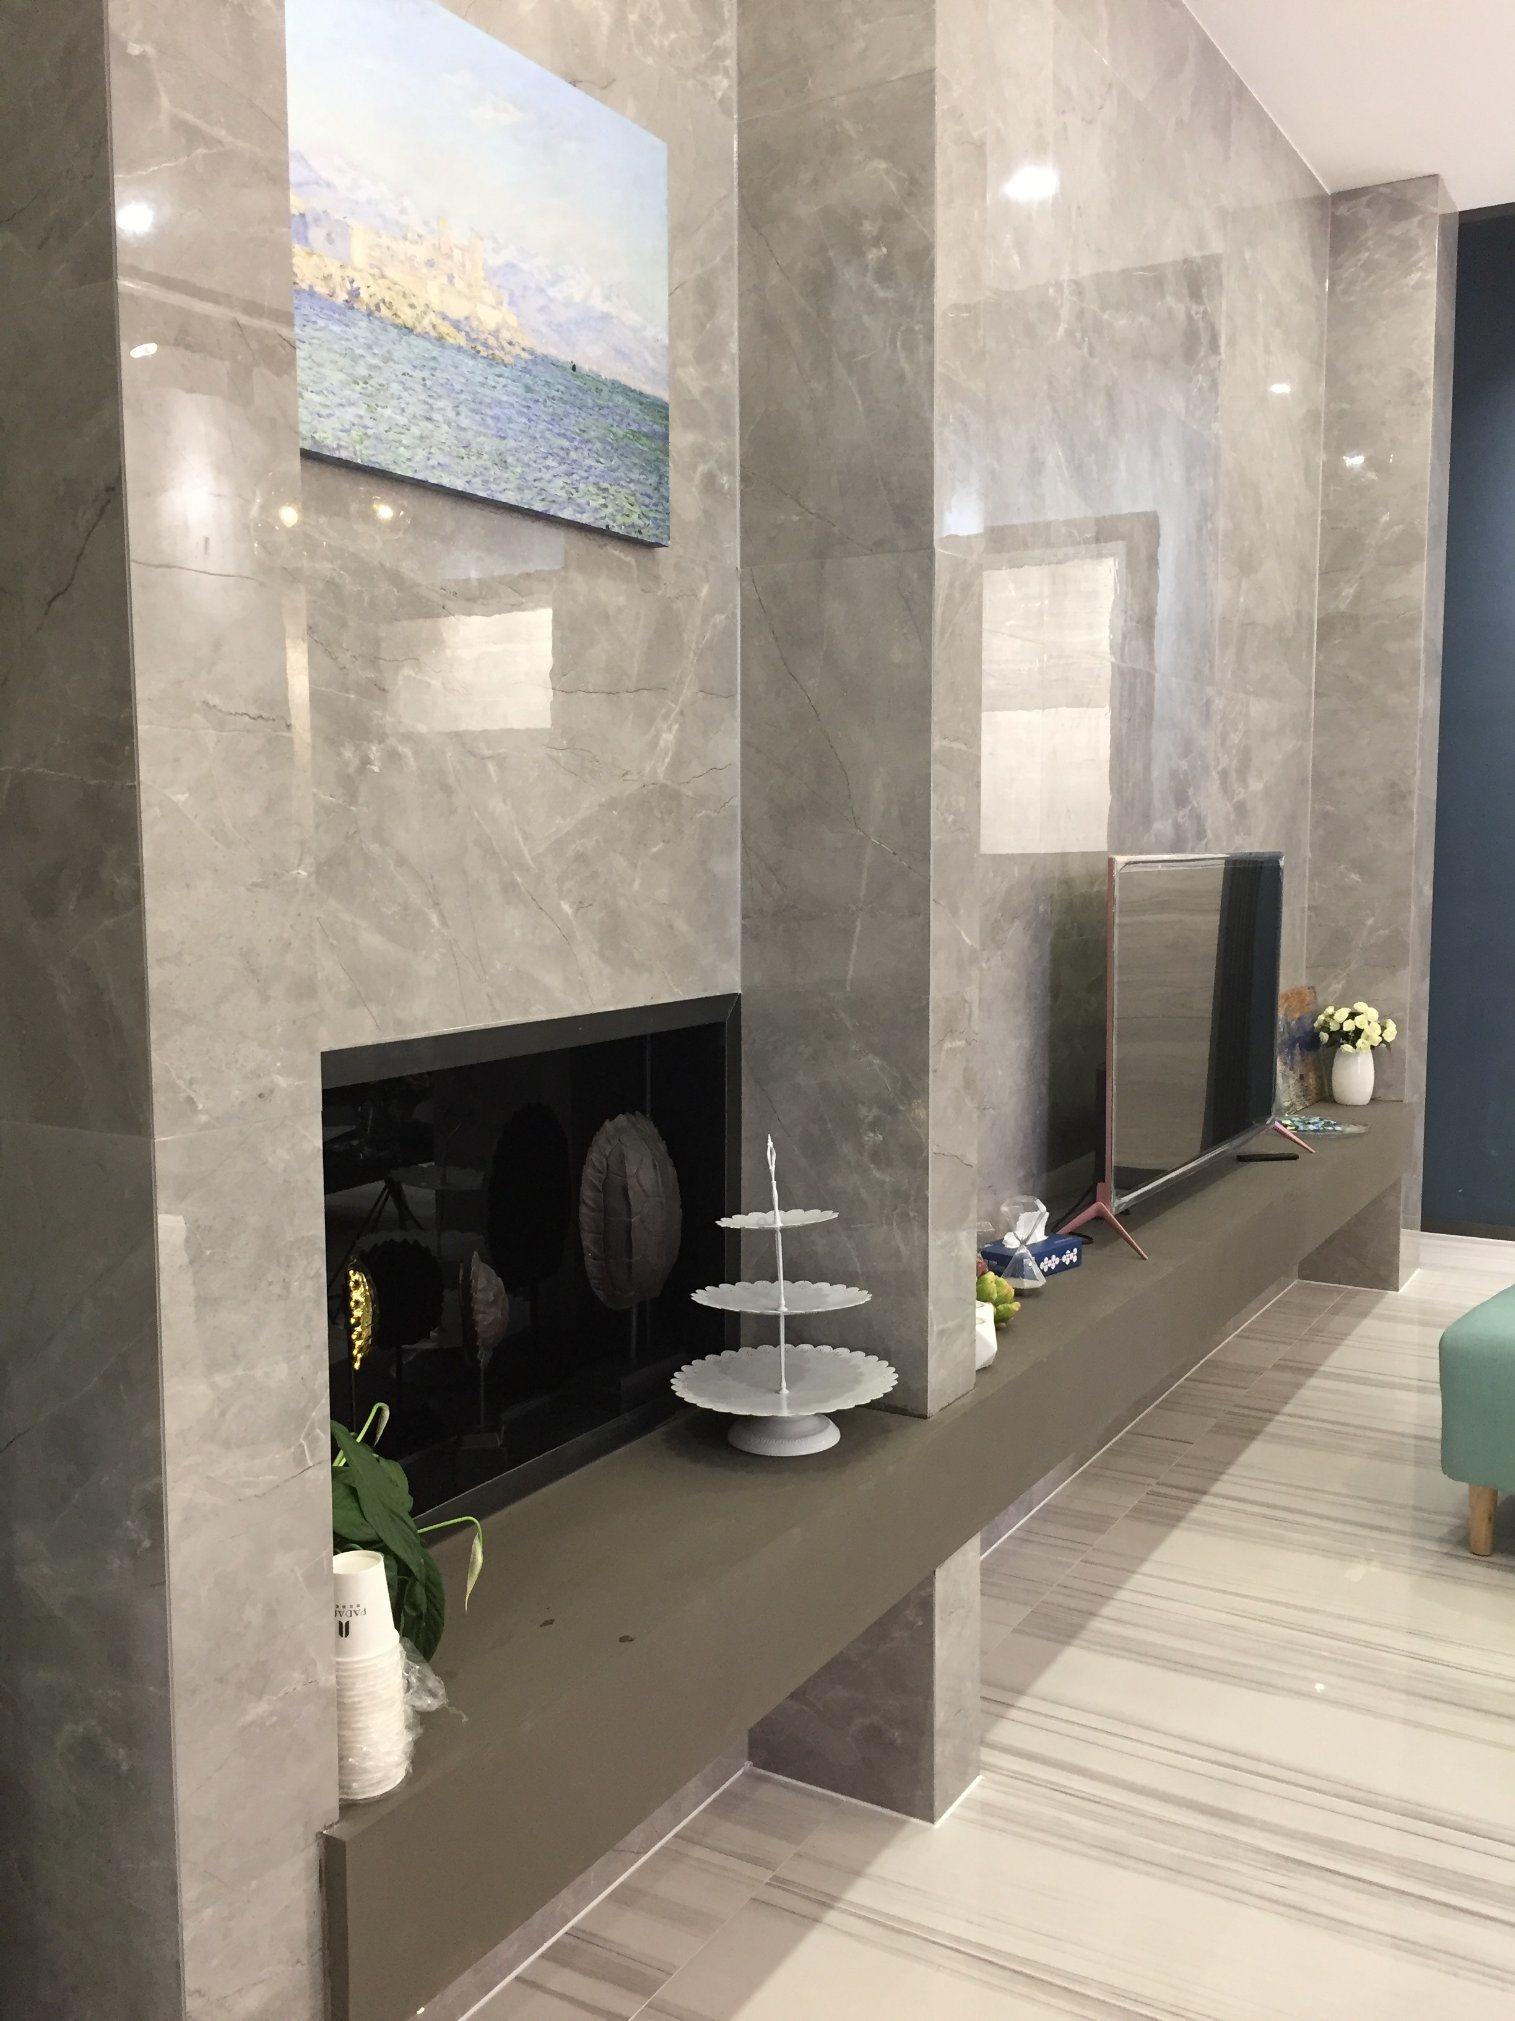 China High Quality Full Body Marble Glazed Porcelain Floor Tiles